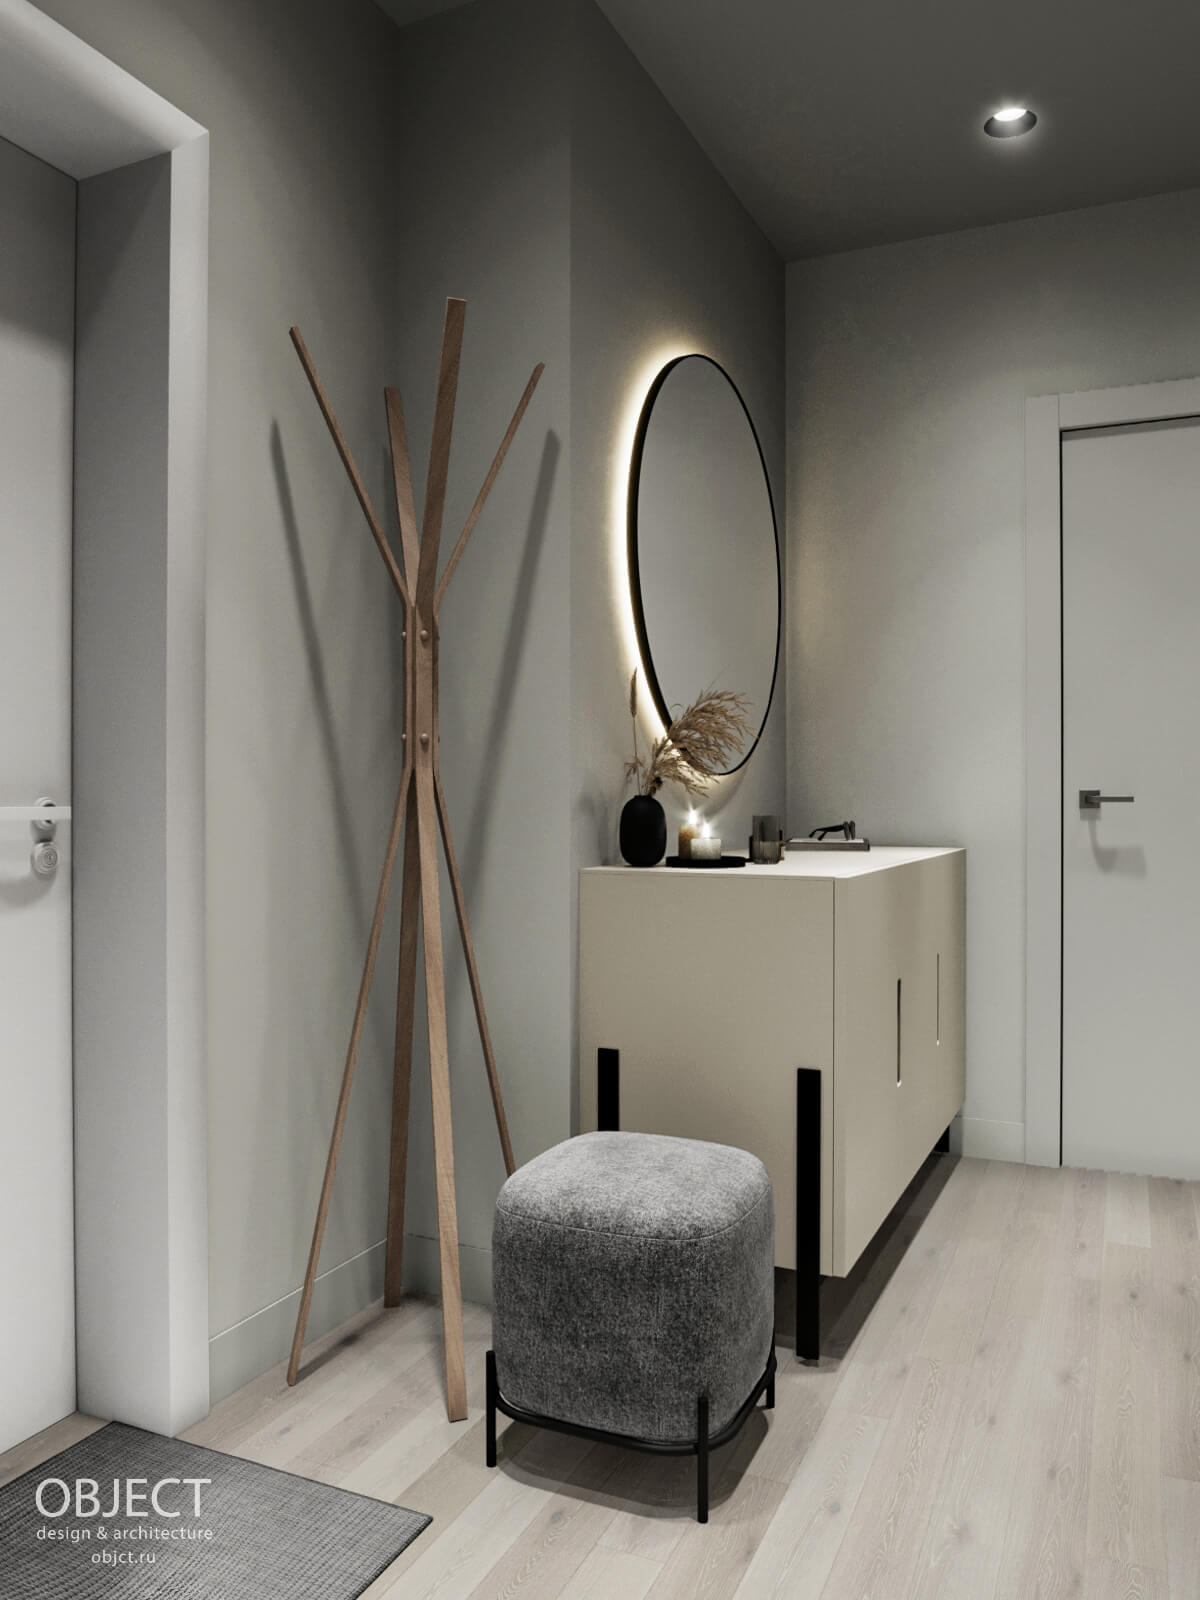 dizajn_interiera_volgograd-15